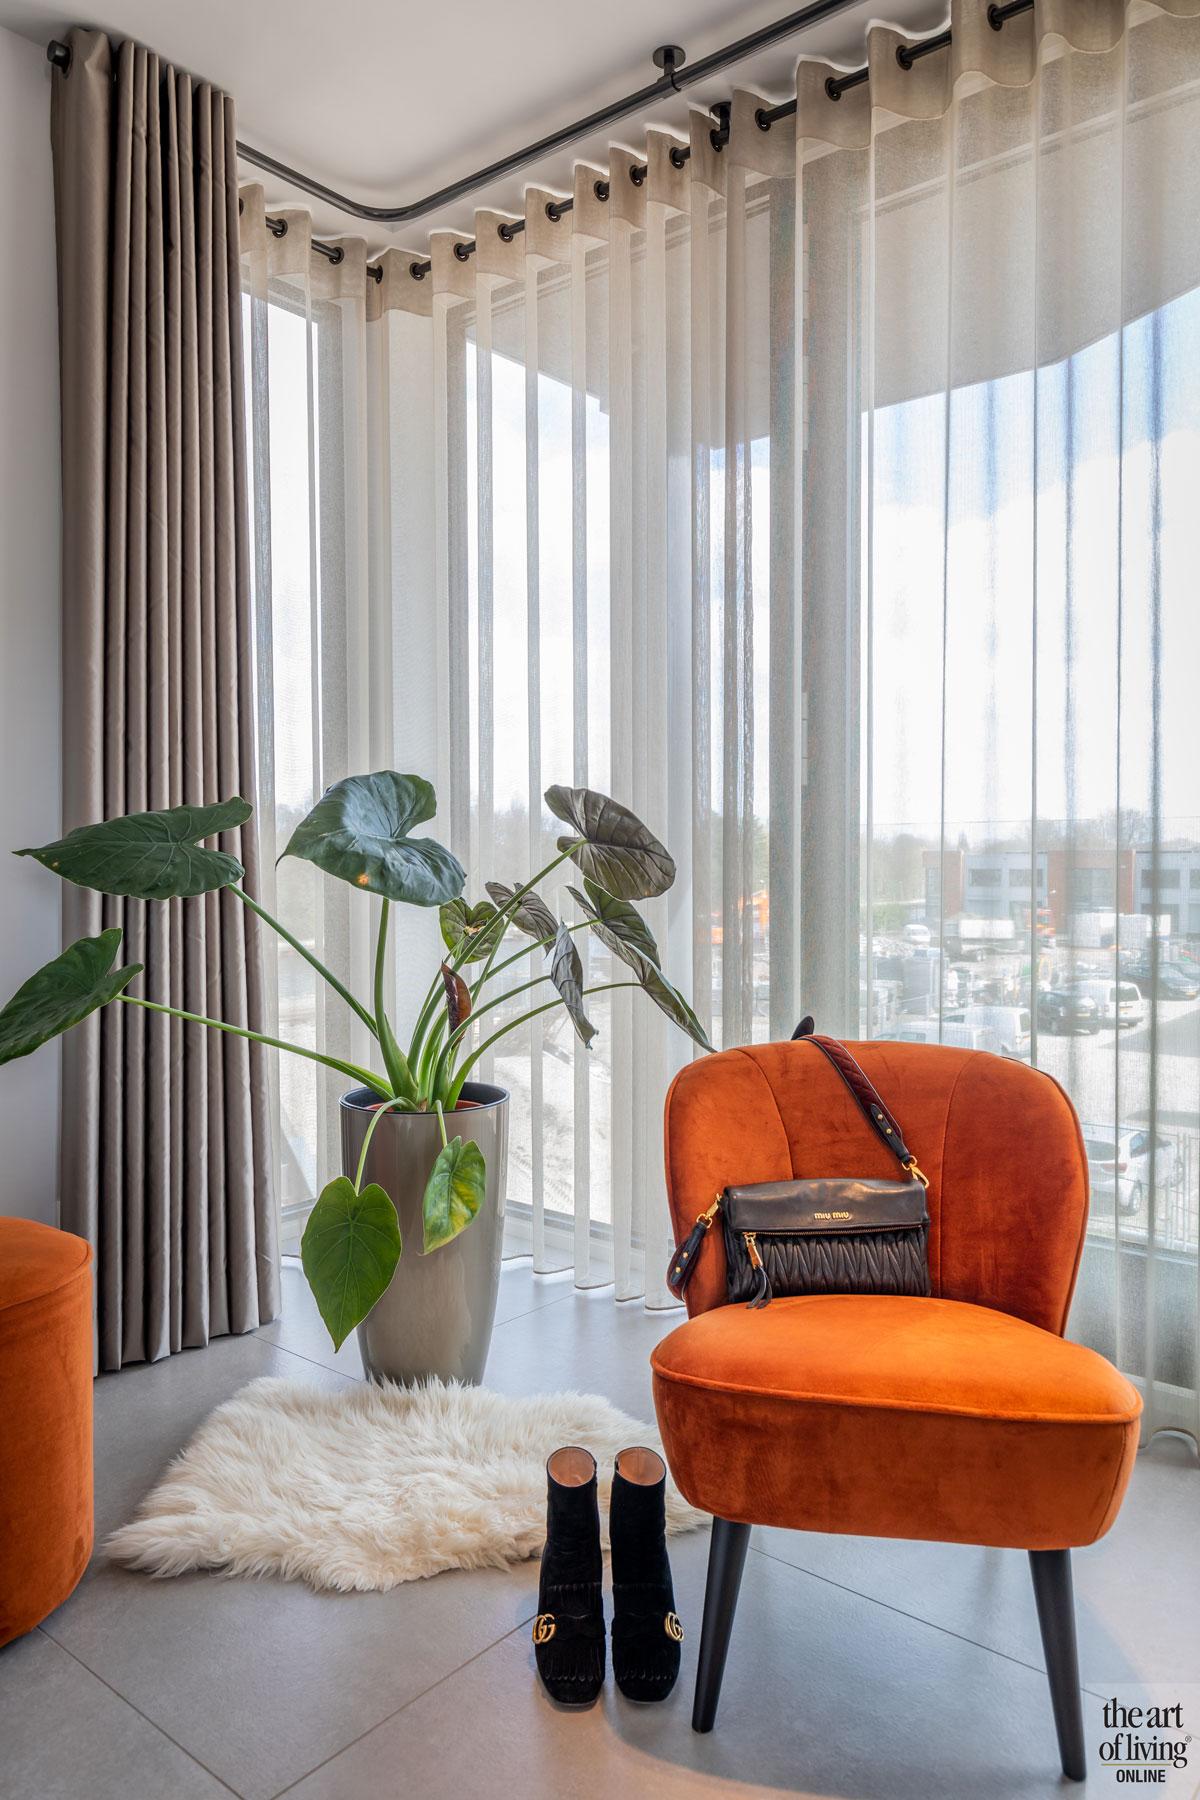 Woonkamer, grote ramen, stoel, chair, strakke tweekapper, Kabaz, C. van der Grift